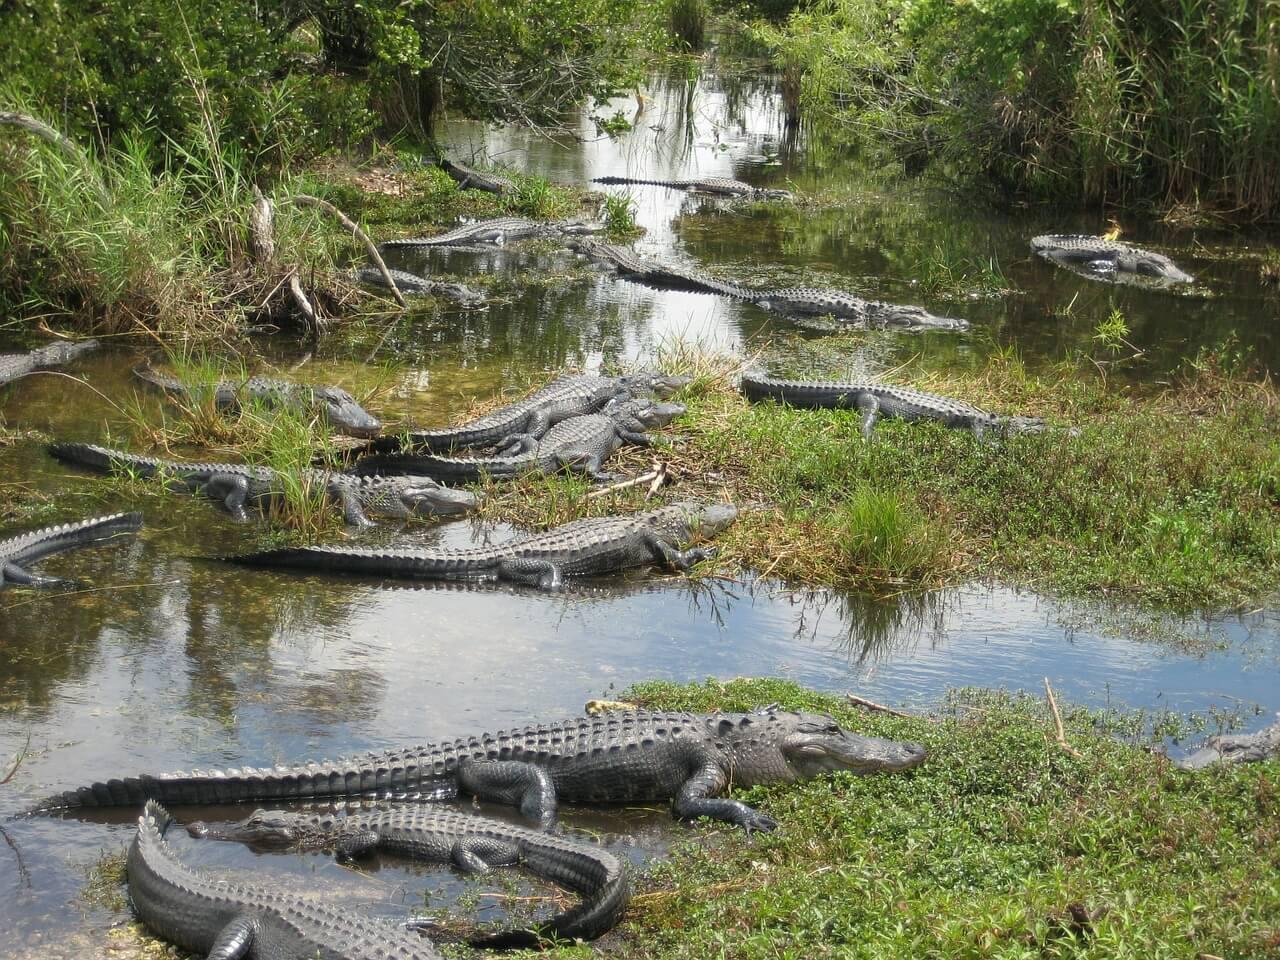 エバーグレーズ国立公園の画像 p1_31